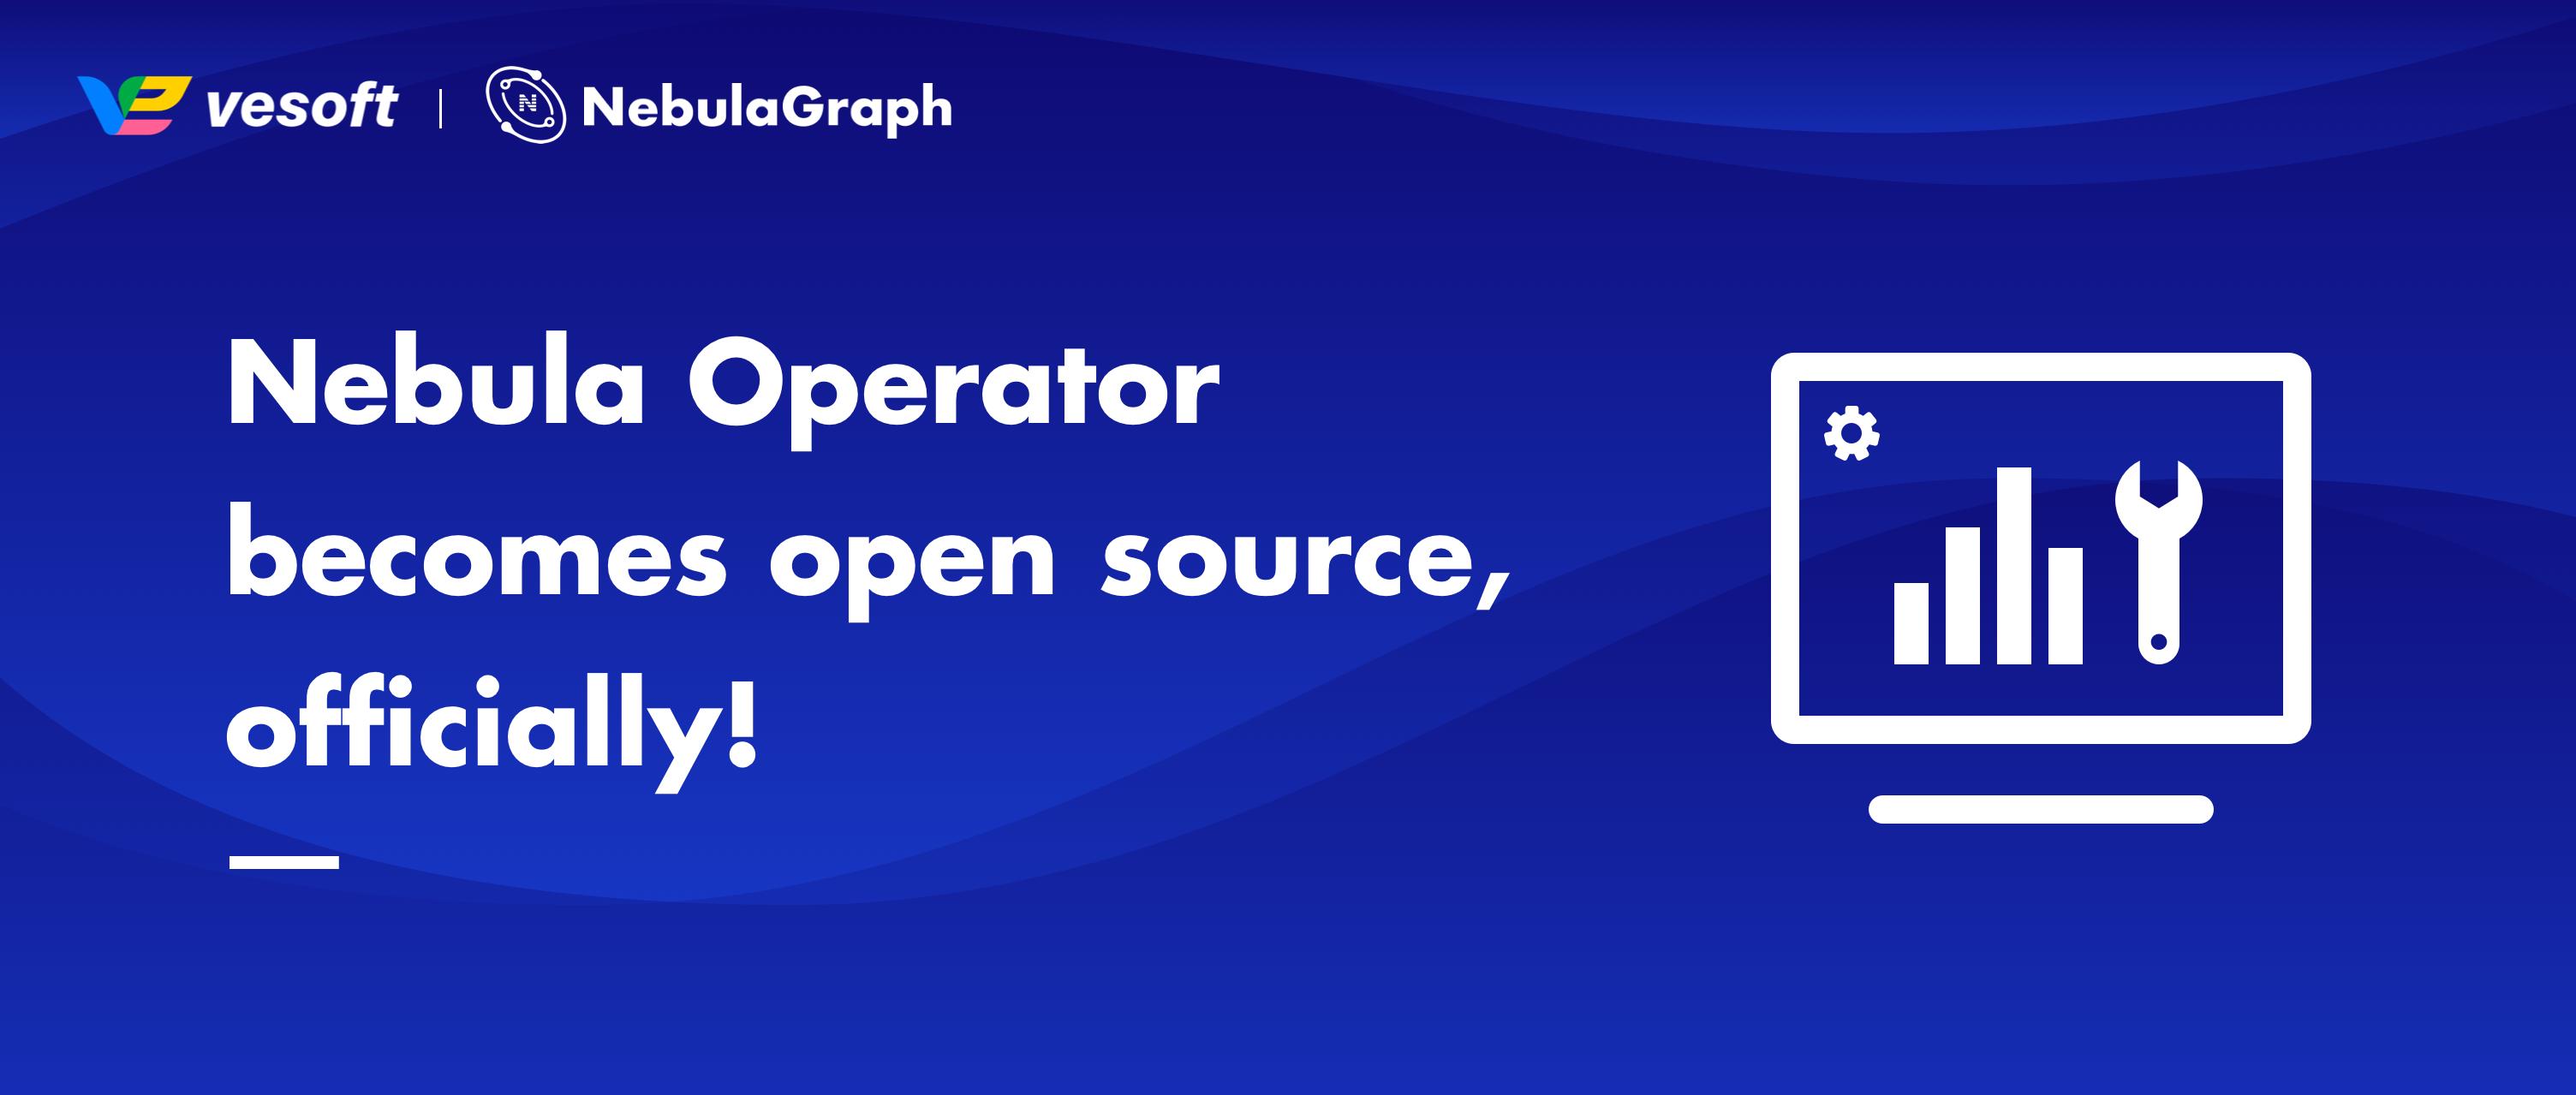 Nebula Operator Overview